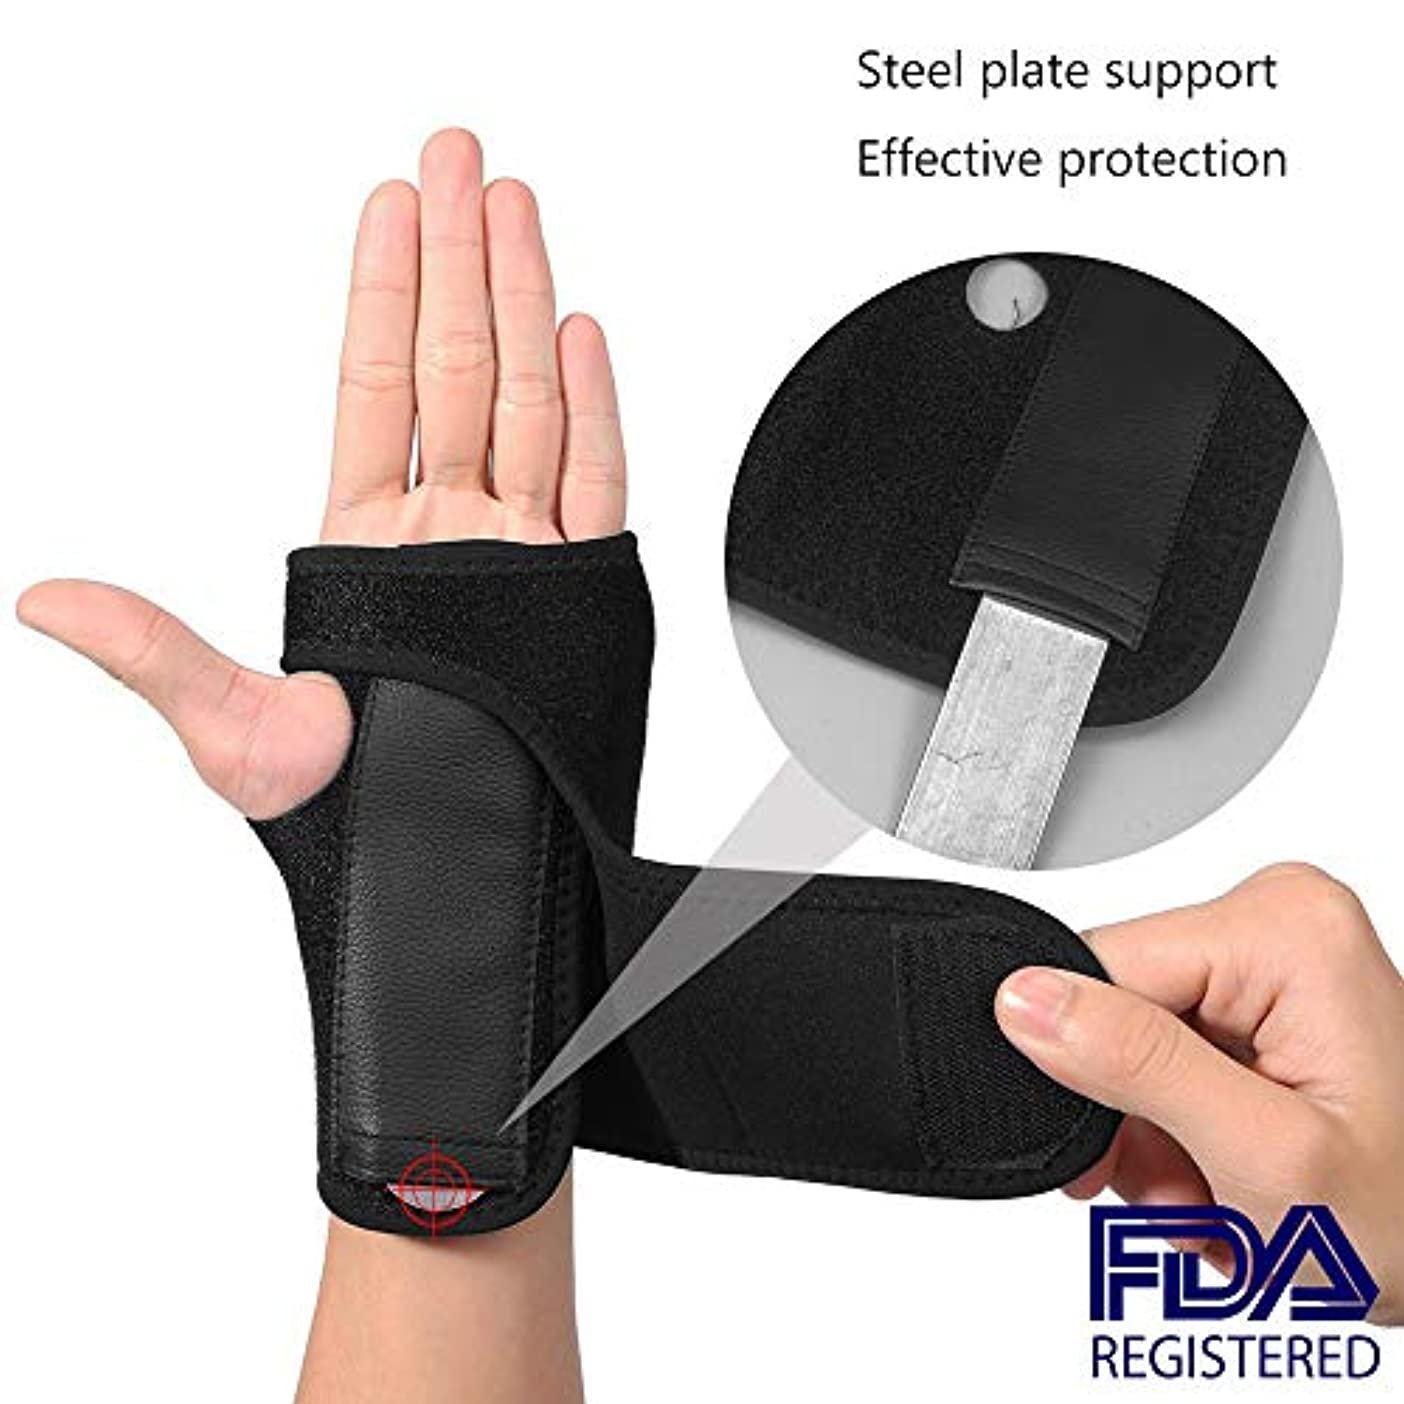 ファーザーファージュおしゃれな儀式手首のサポート-調節可能なブレースストラップバンド-右手と左手で手根管、手首の関節炎の痛み、捻rain、疲労を和らげます